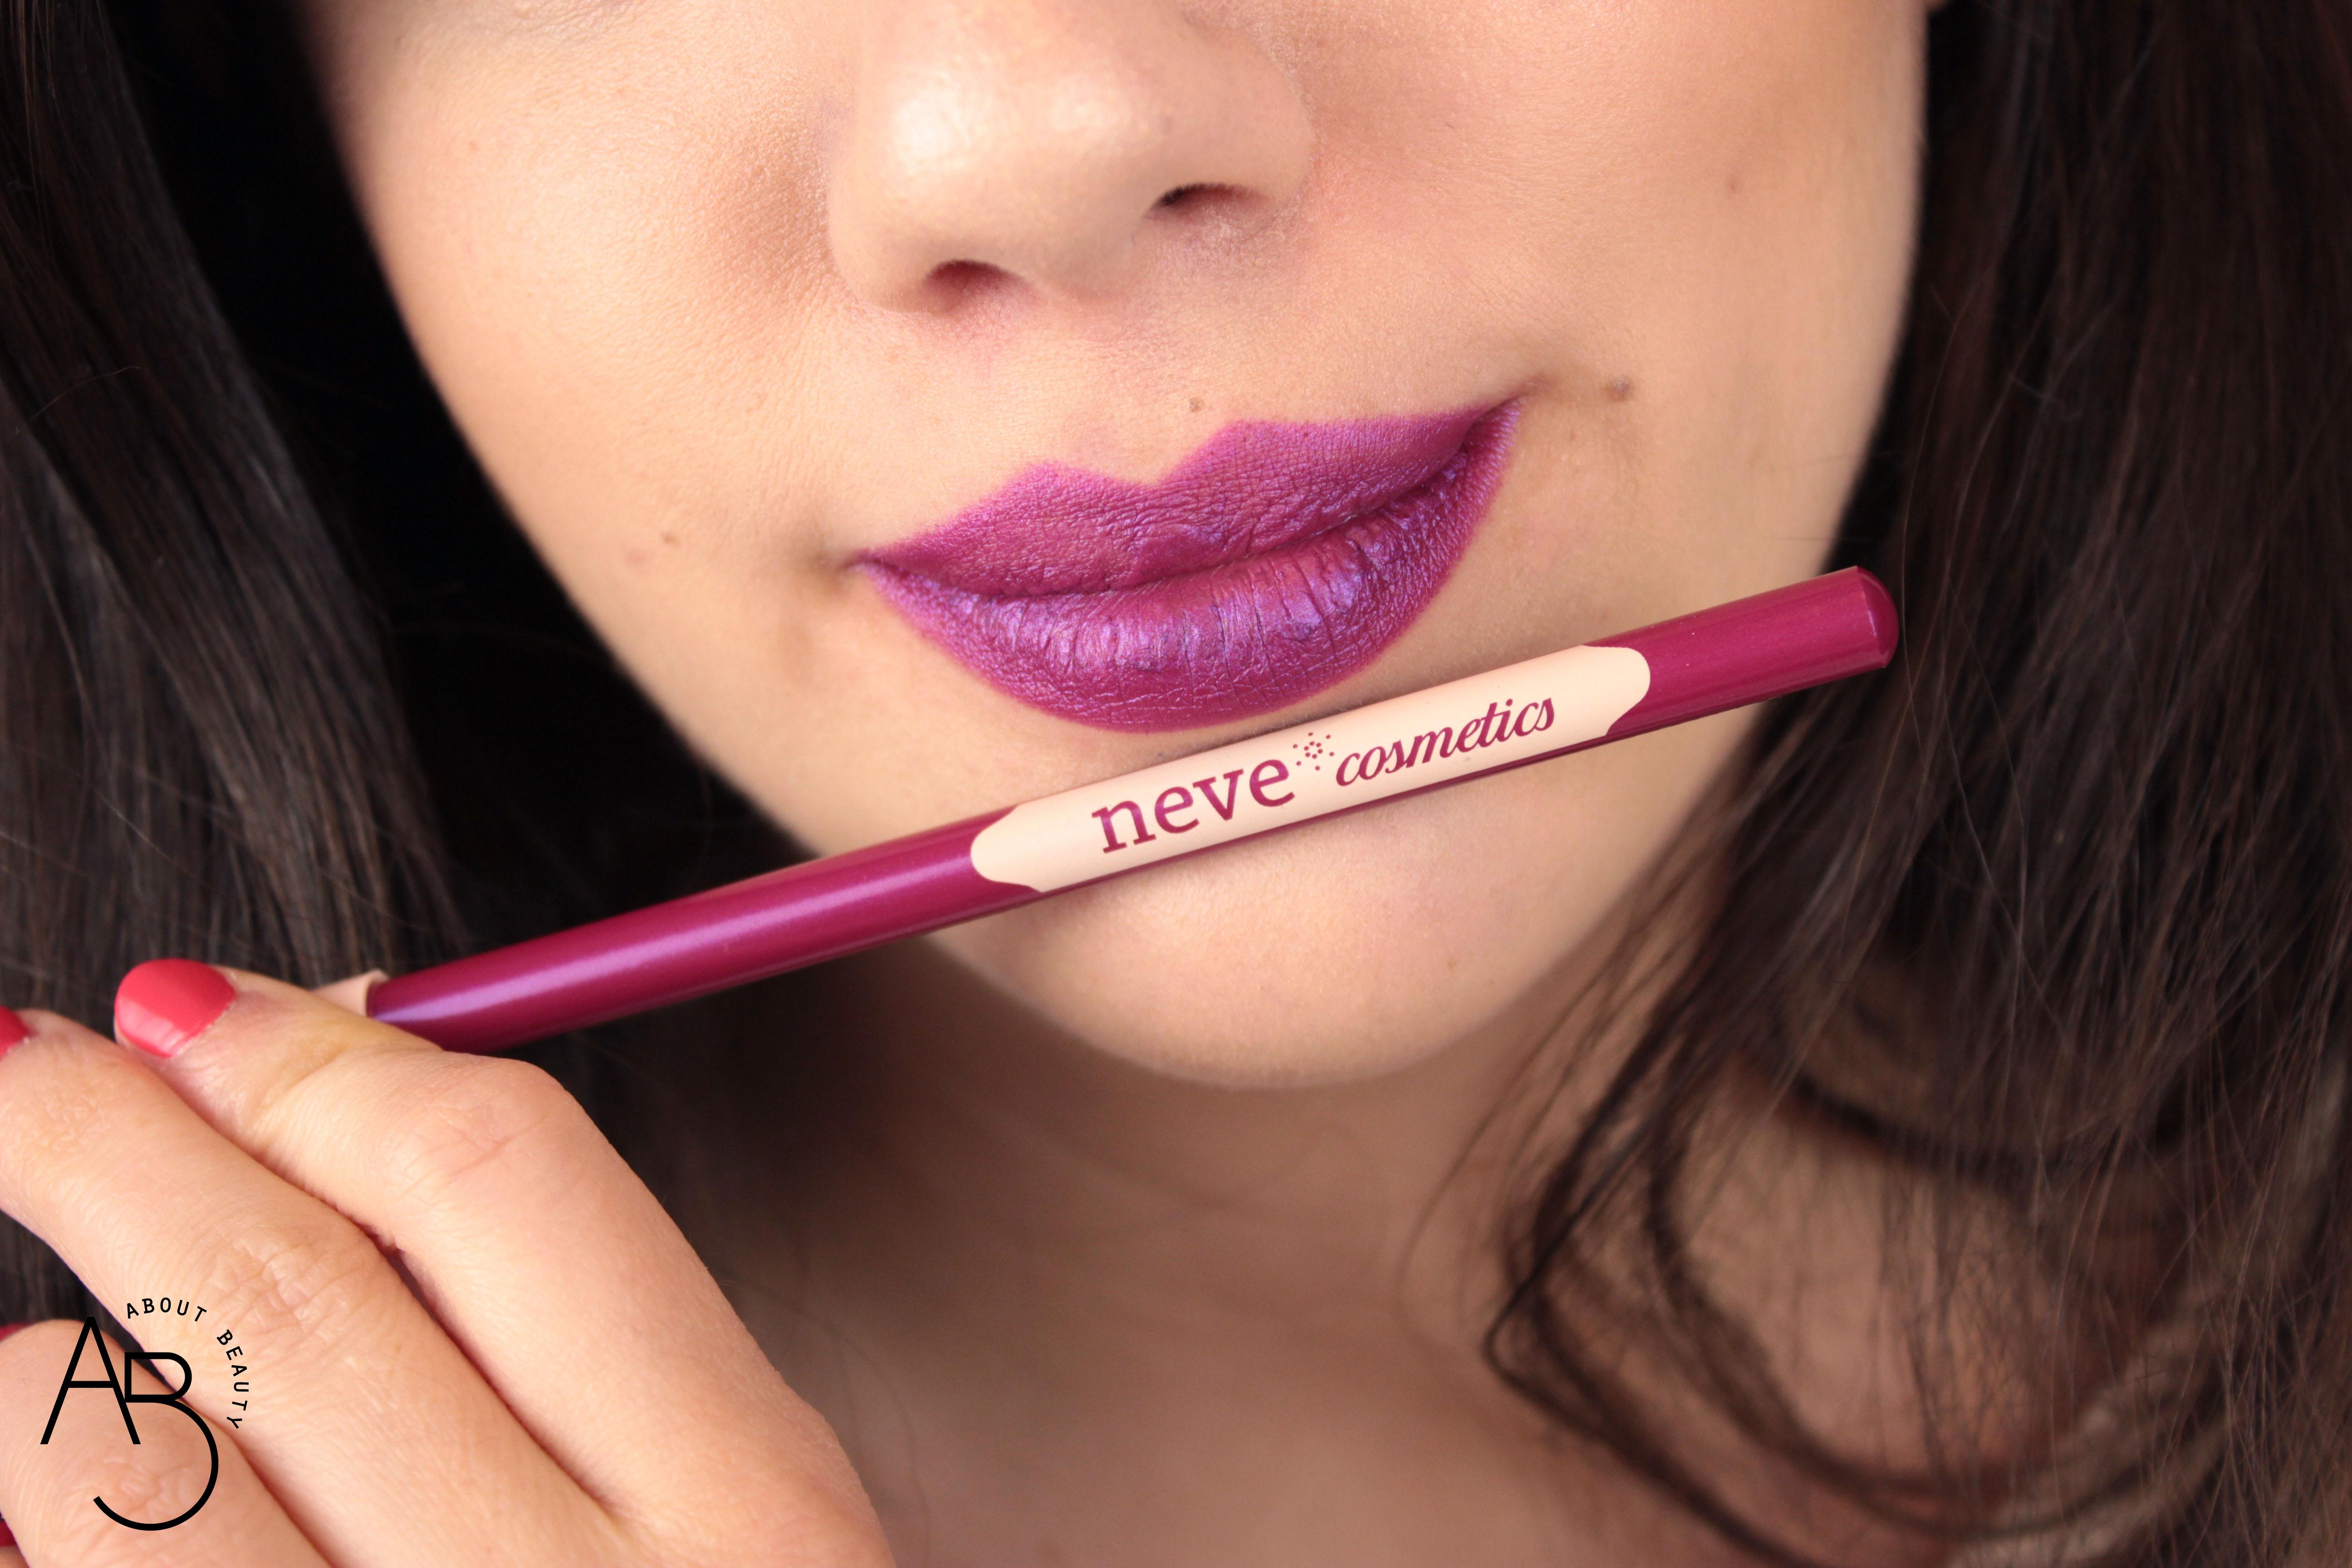 Neve Cosmetics Superheroine Collection - Matite pastello labbra lipliner - Info, review, recensione, prezzo, swatch, dove acquistare - Trance swatch